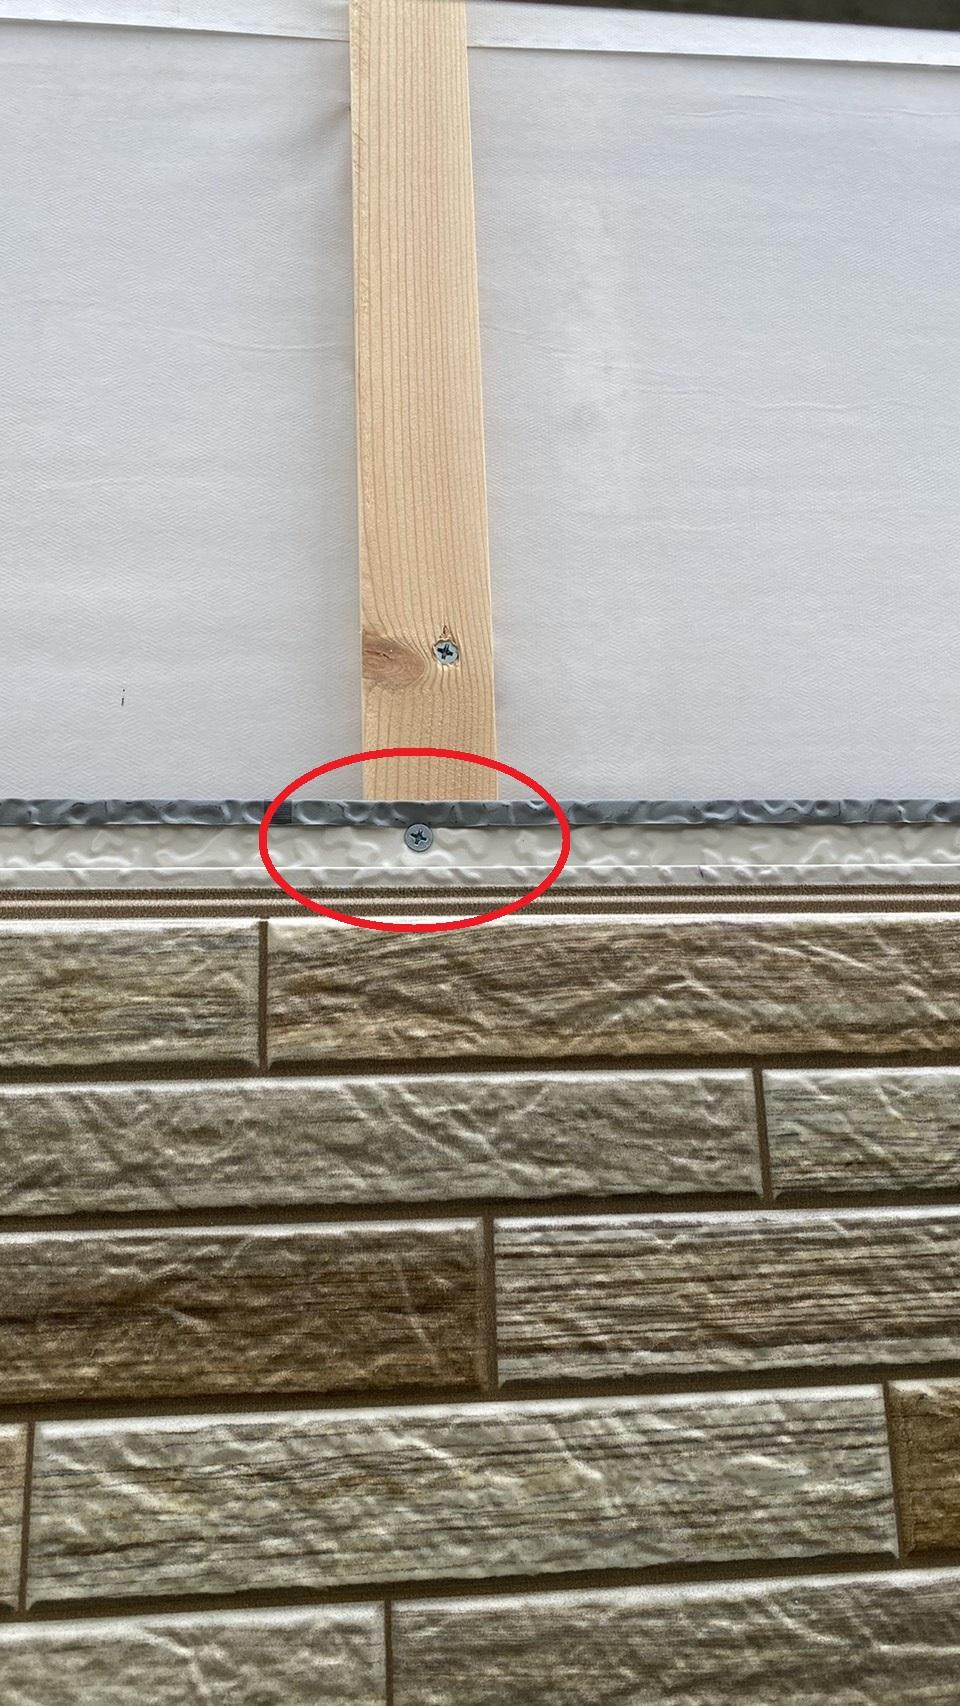 金属サイディングを固定するのに使用したビスの様子